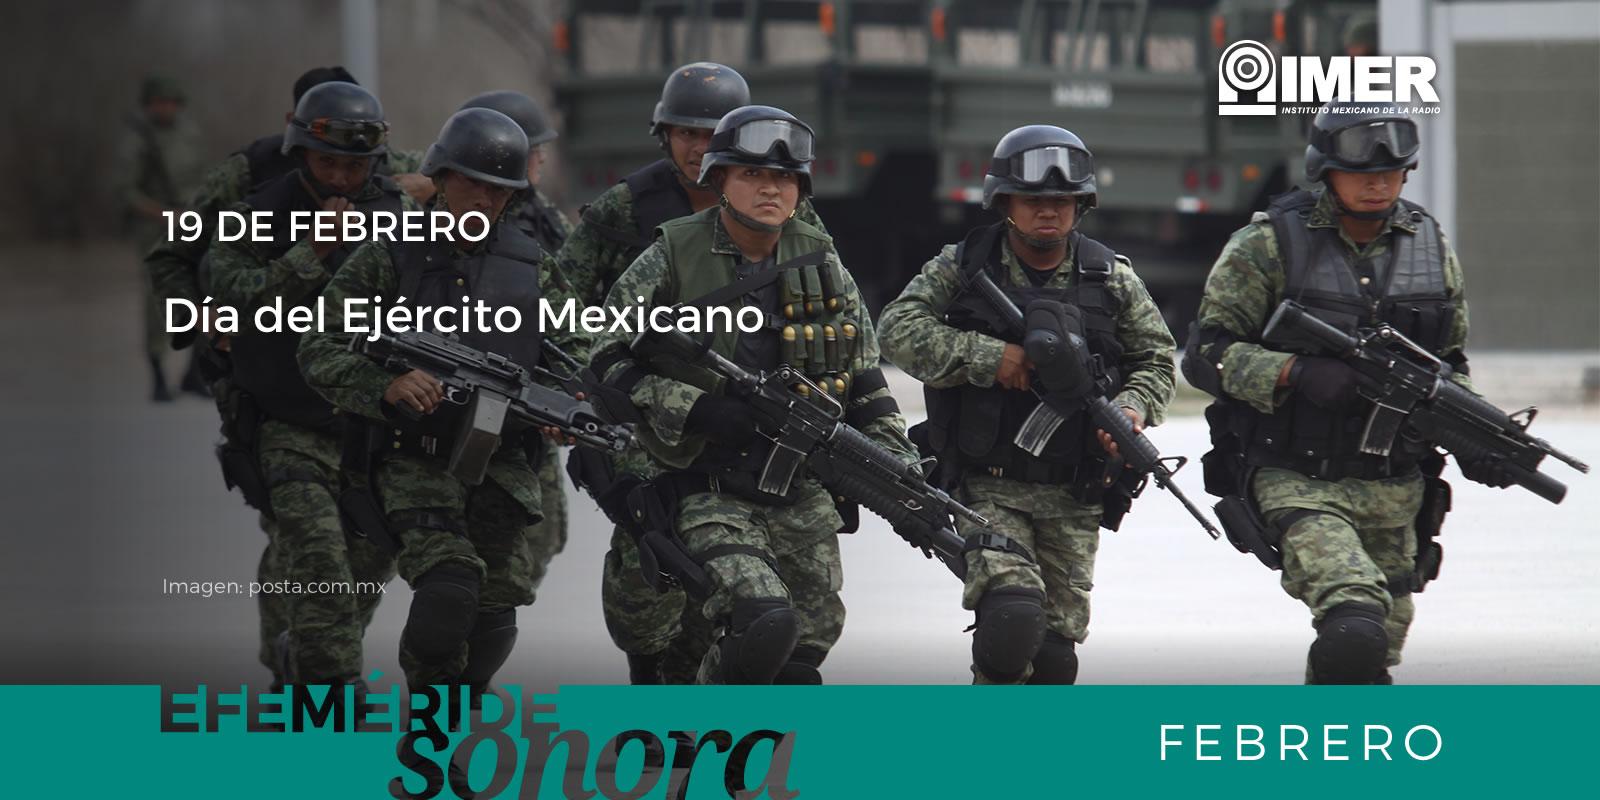 19 De Febrero Dia Del Ejercito Mexicano Imer